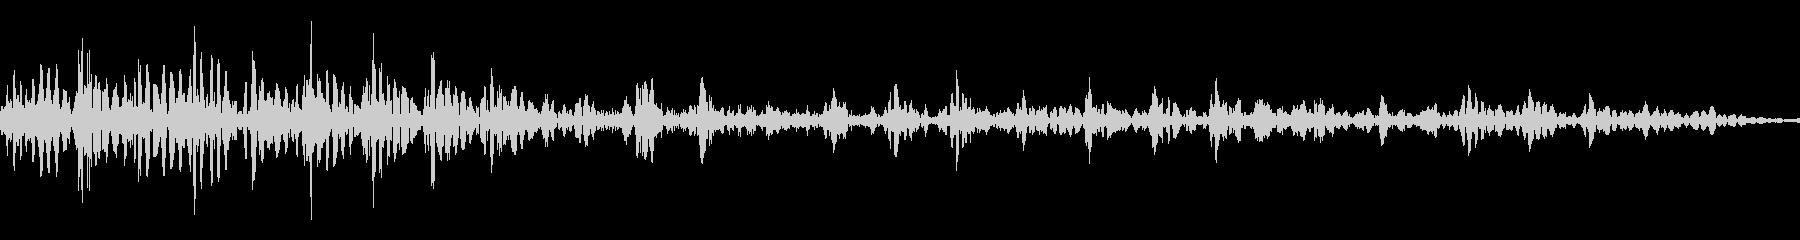 アフリカライオンのうなり声(最も低い声)の未再生の波形